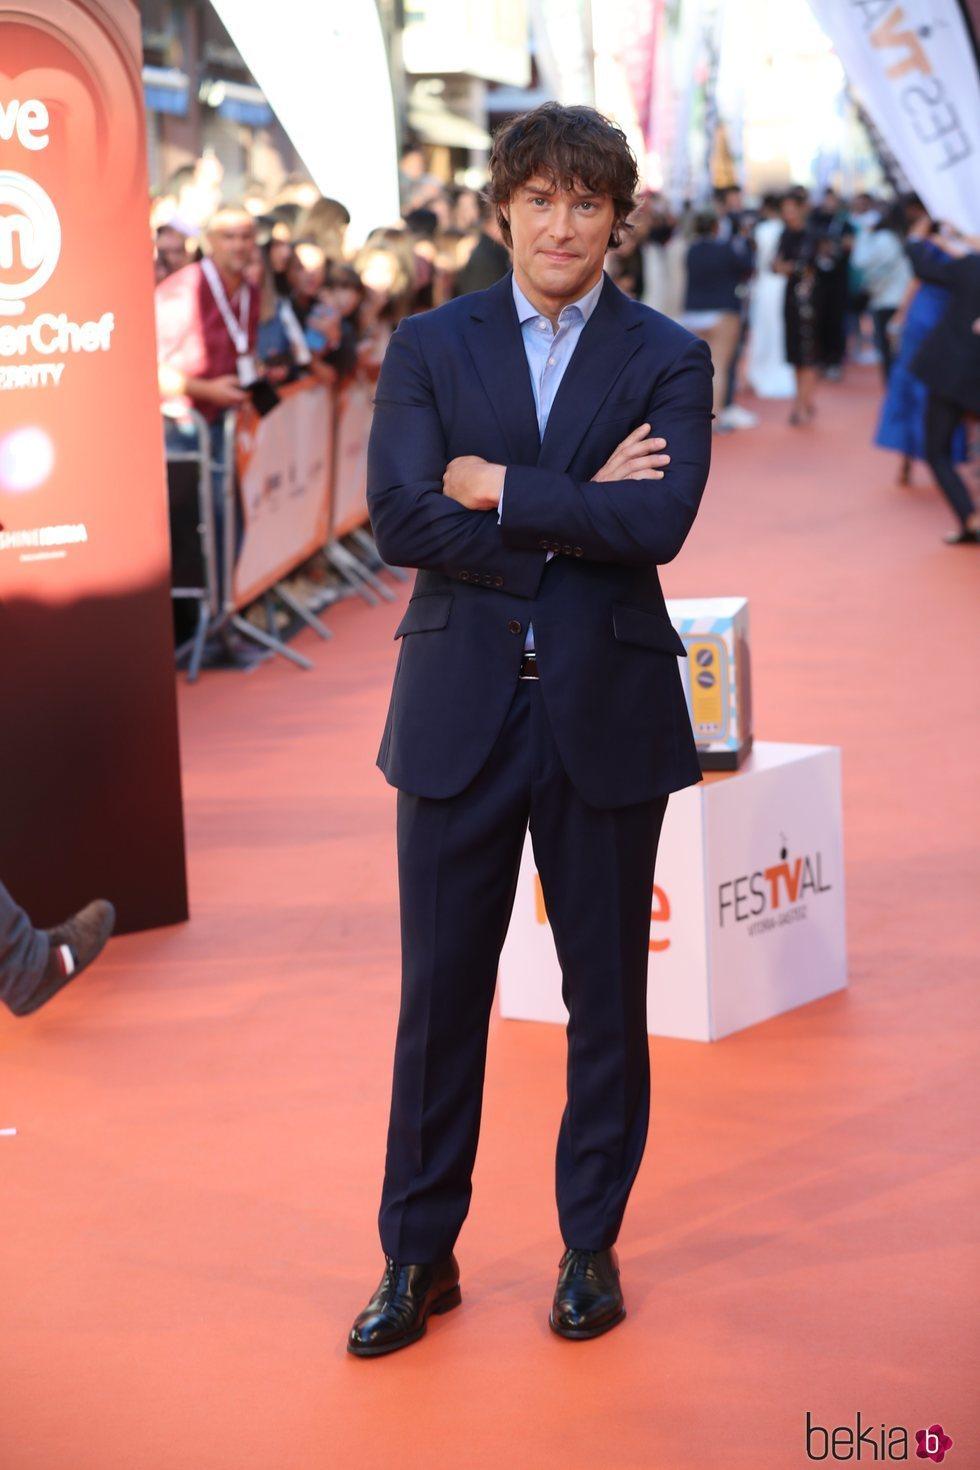 Jordi Cruz en la presentación de 'MasterChef Celebrity 4' en el FestVal 2019